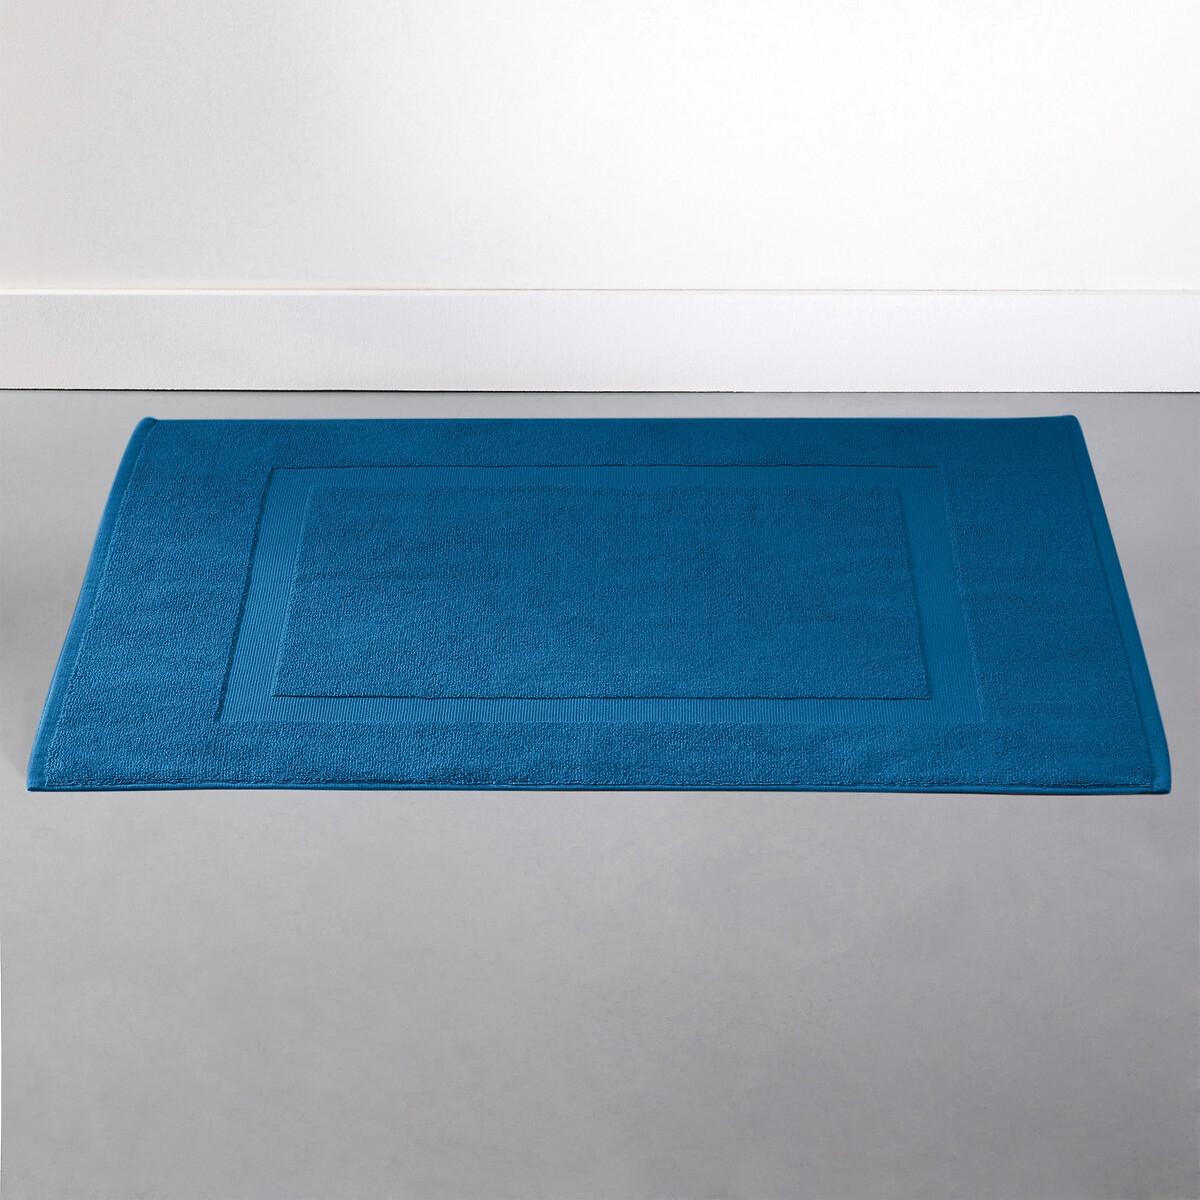 Коврик LaRedoute Для ванной однотонный из махровой ткани 700 гм Scenario 40 x 50 см синий 5 однотонных laredoute банных принадлежностей из махровой ткани 500 гм scenario единый размер синий